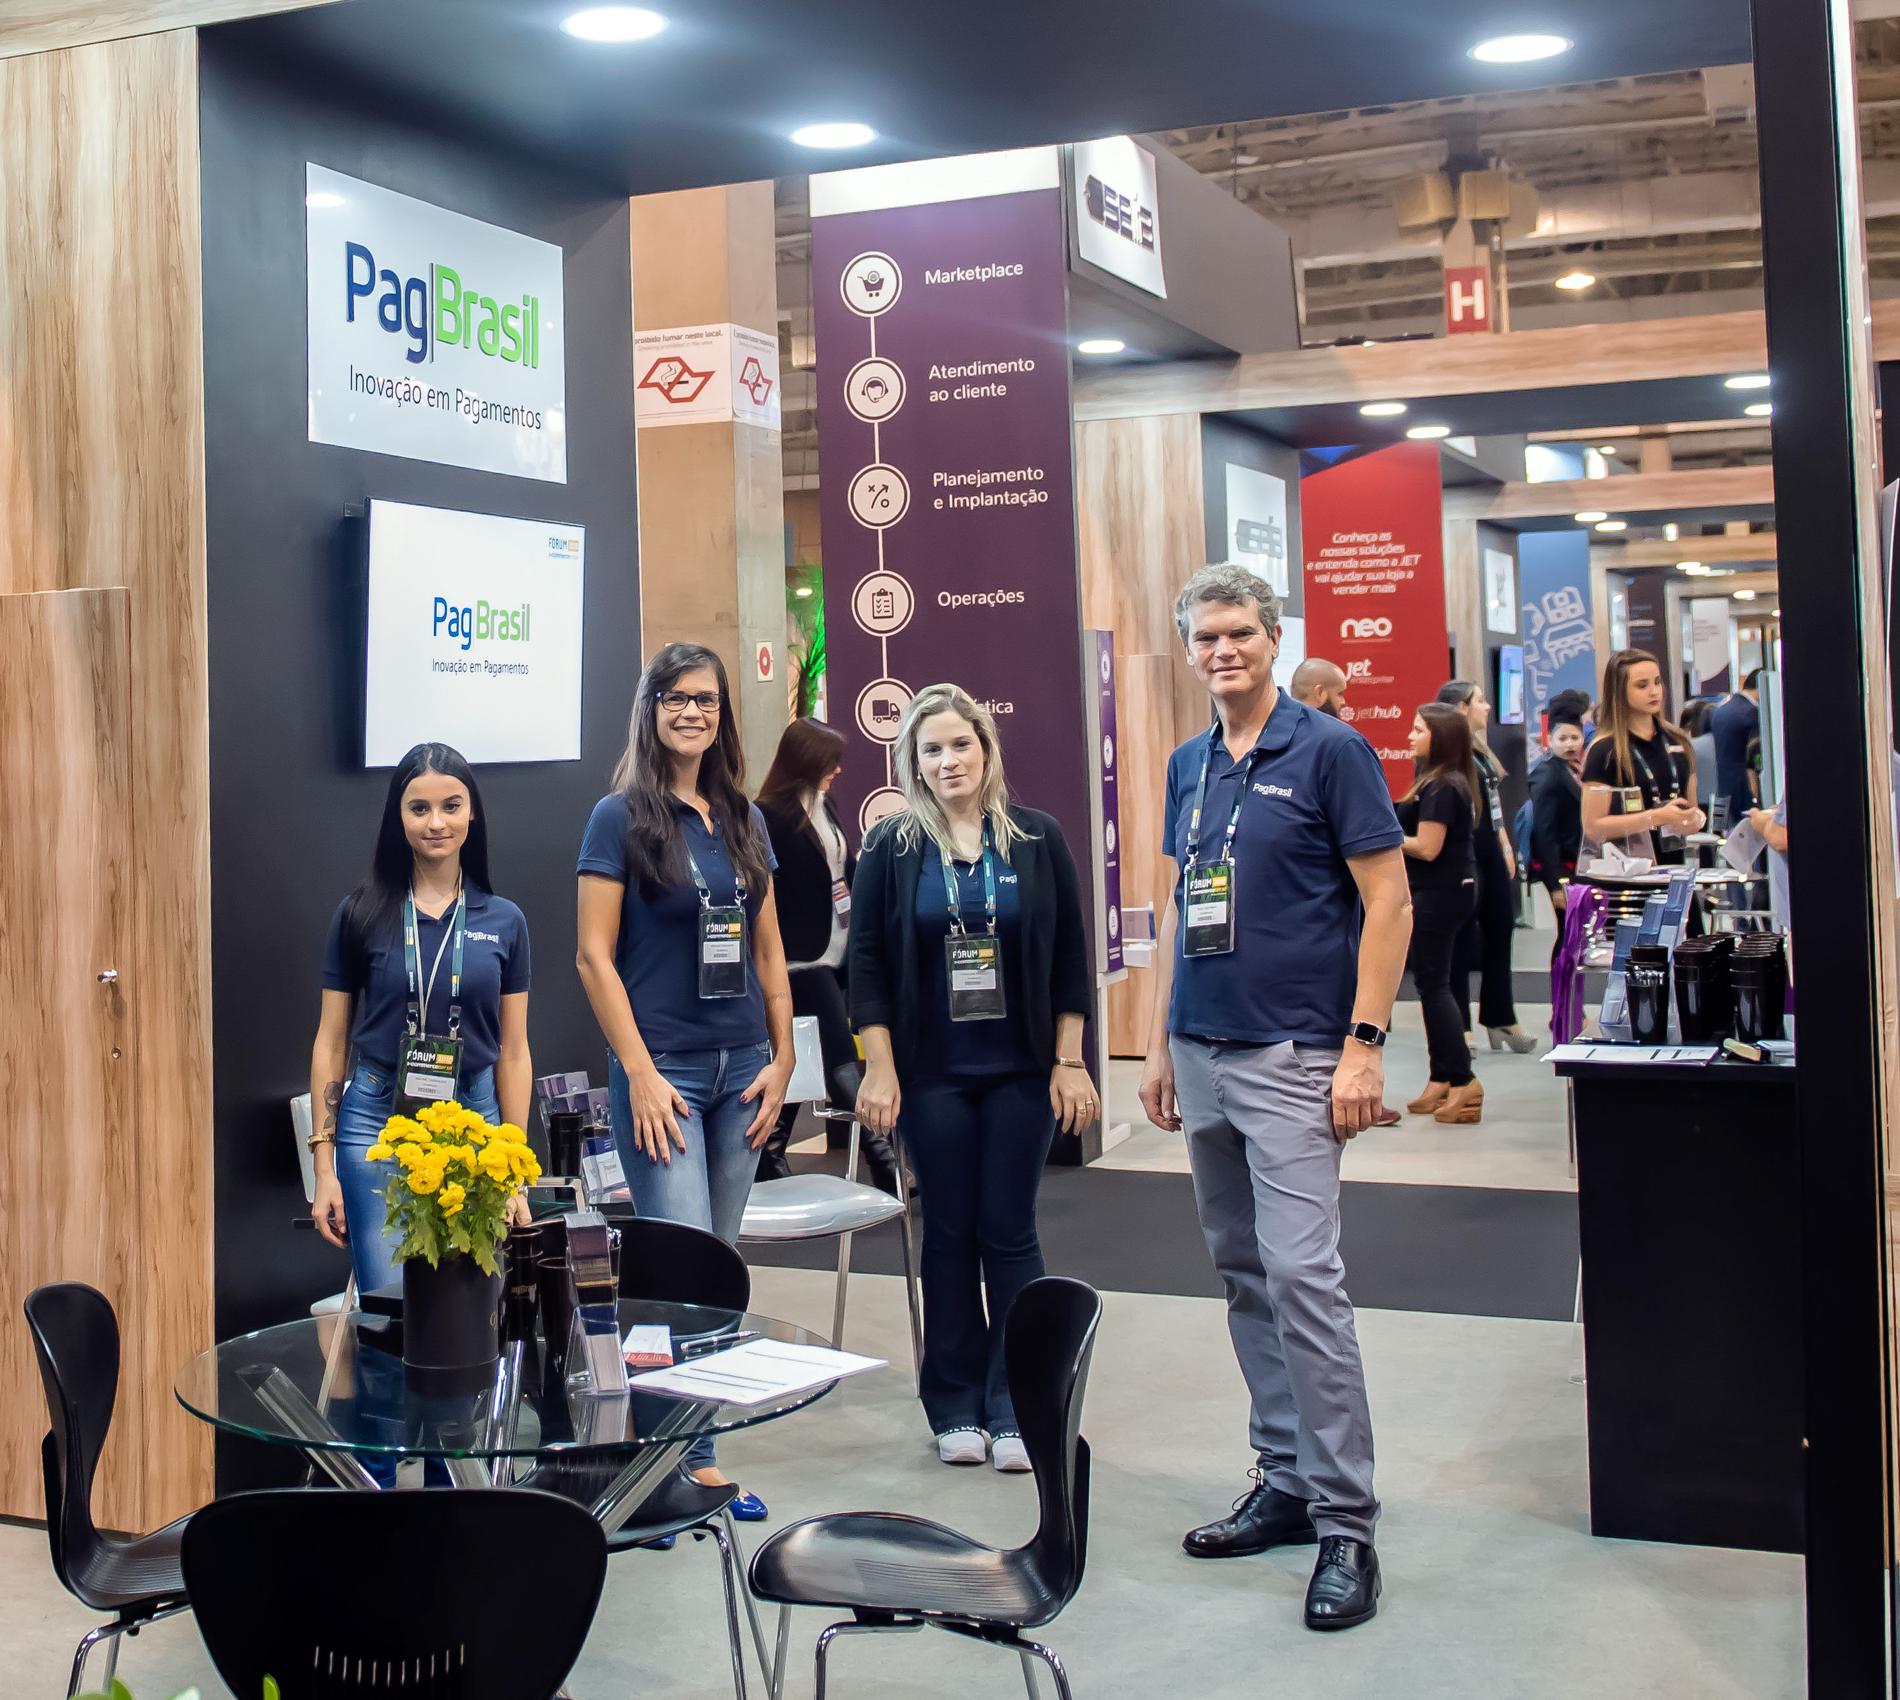 Let's meet at Fórum E-commerce Brasil 2018!